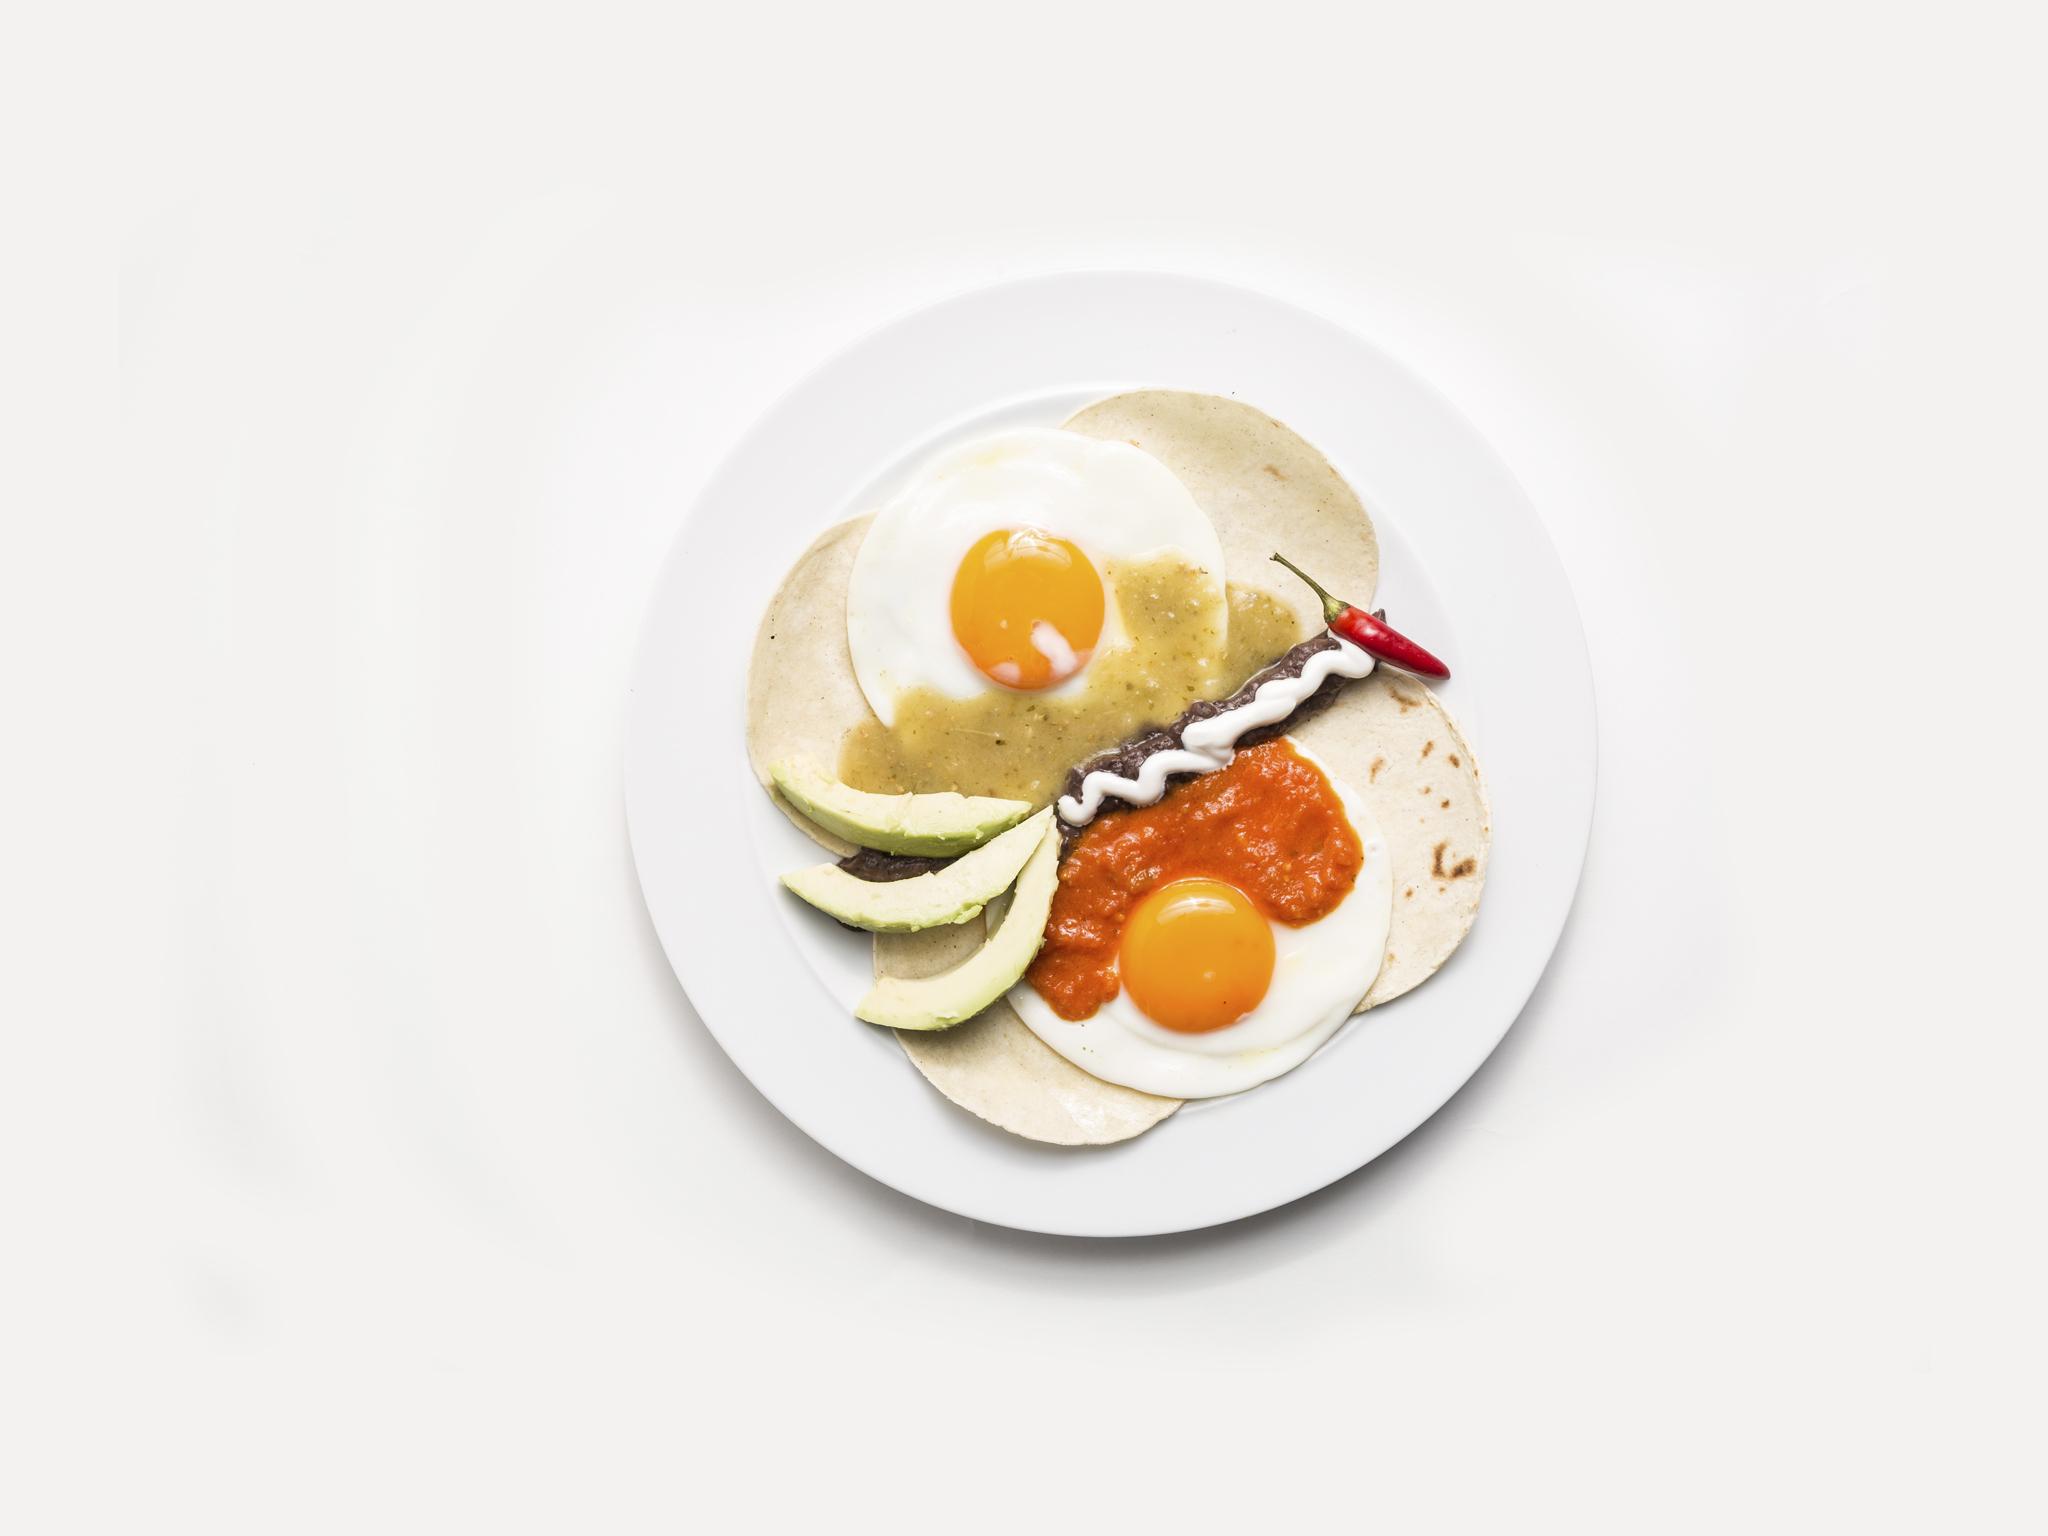 Mez Cais - Huevos divorciados mexicanos